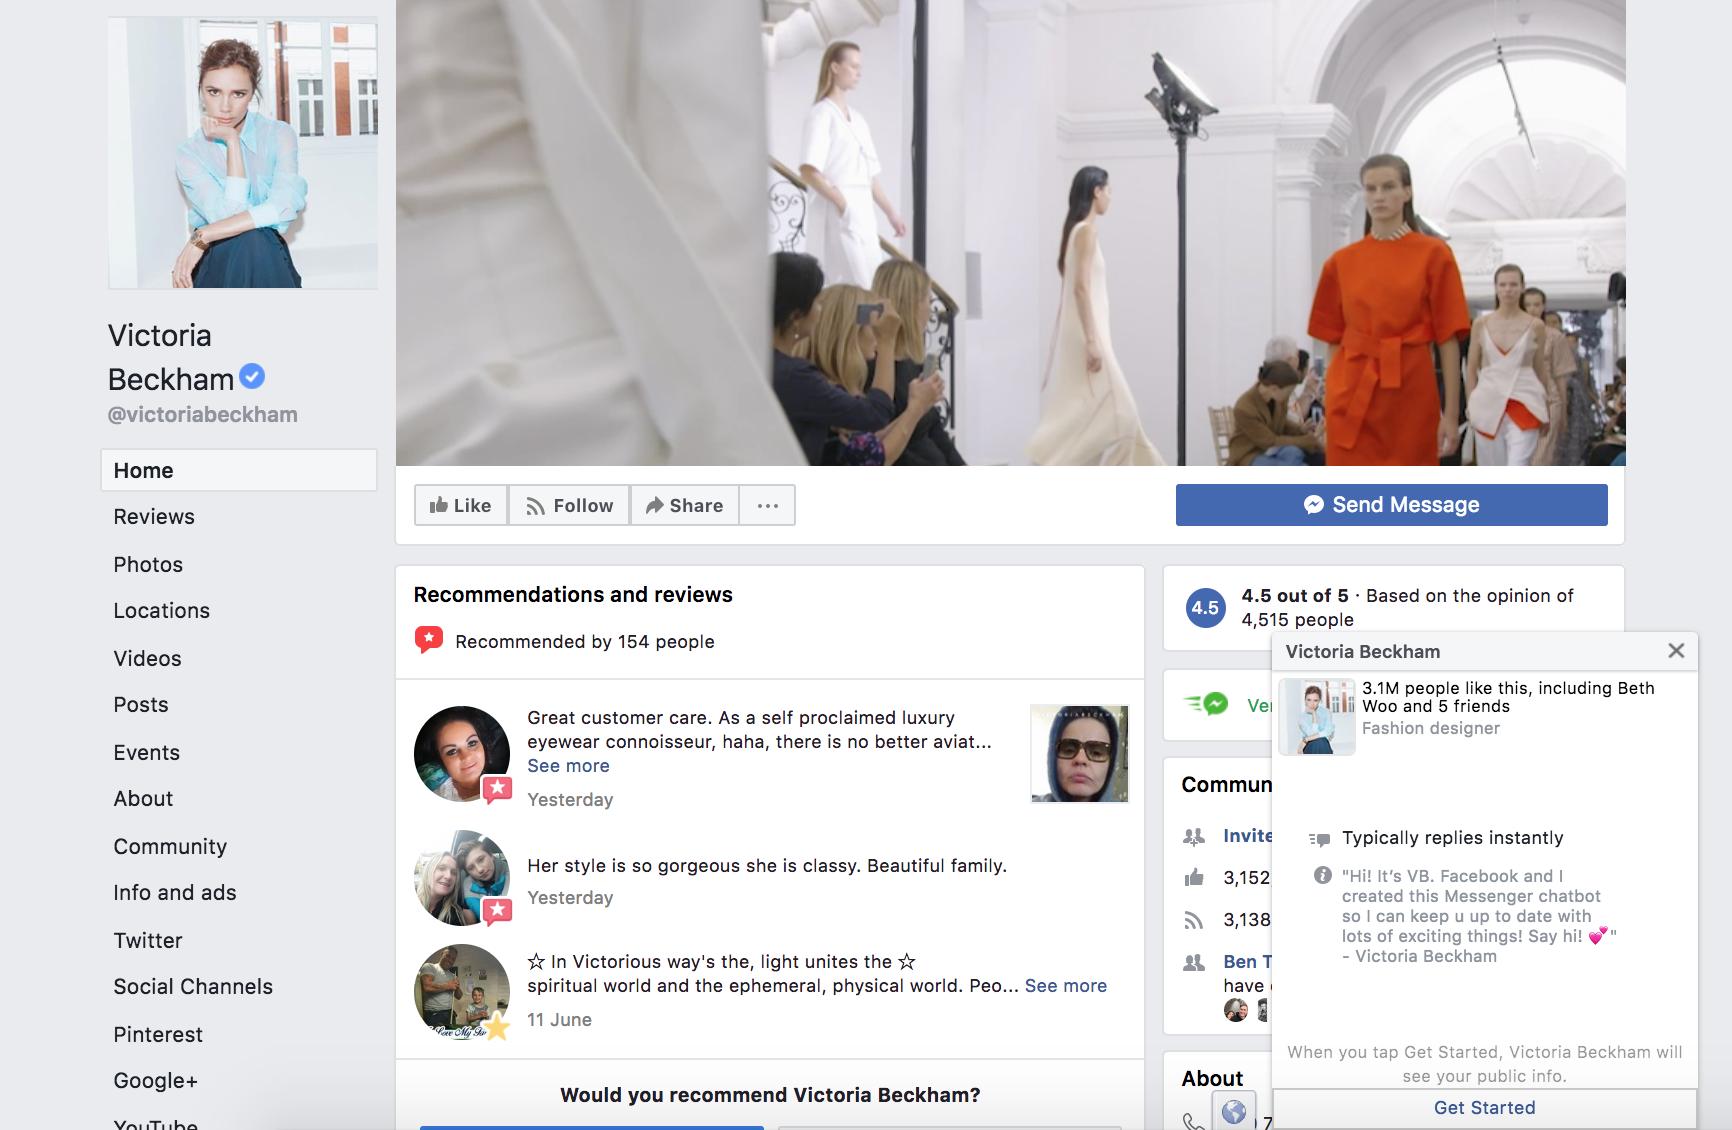 Victoria Beckham Facebook messenger bot